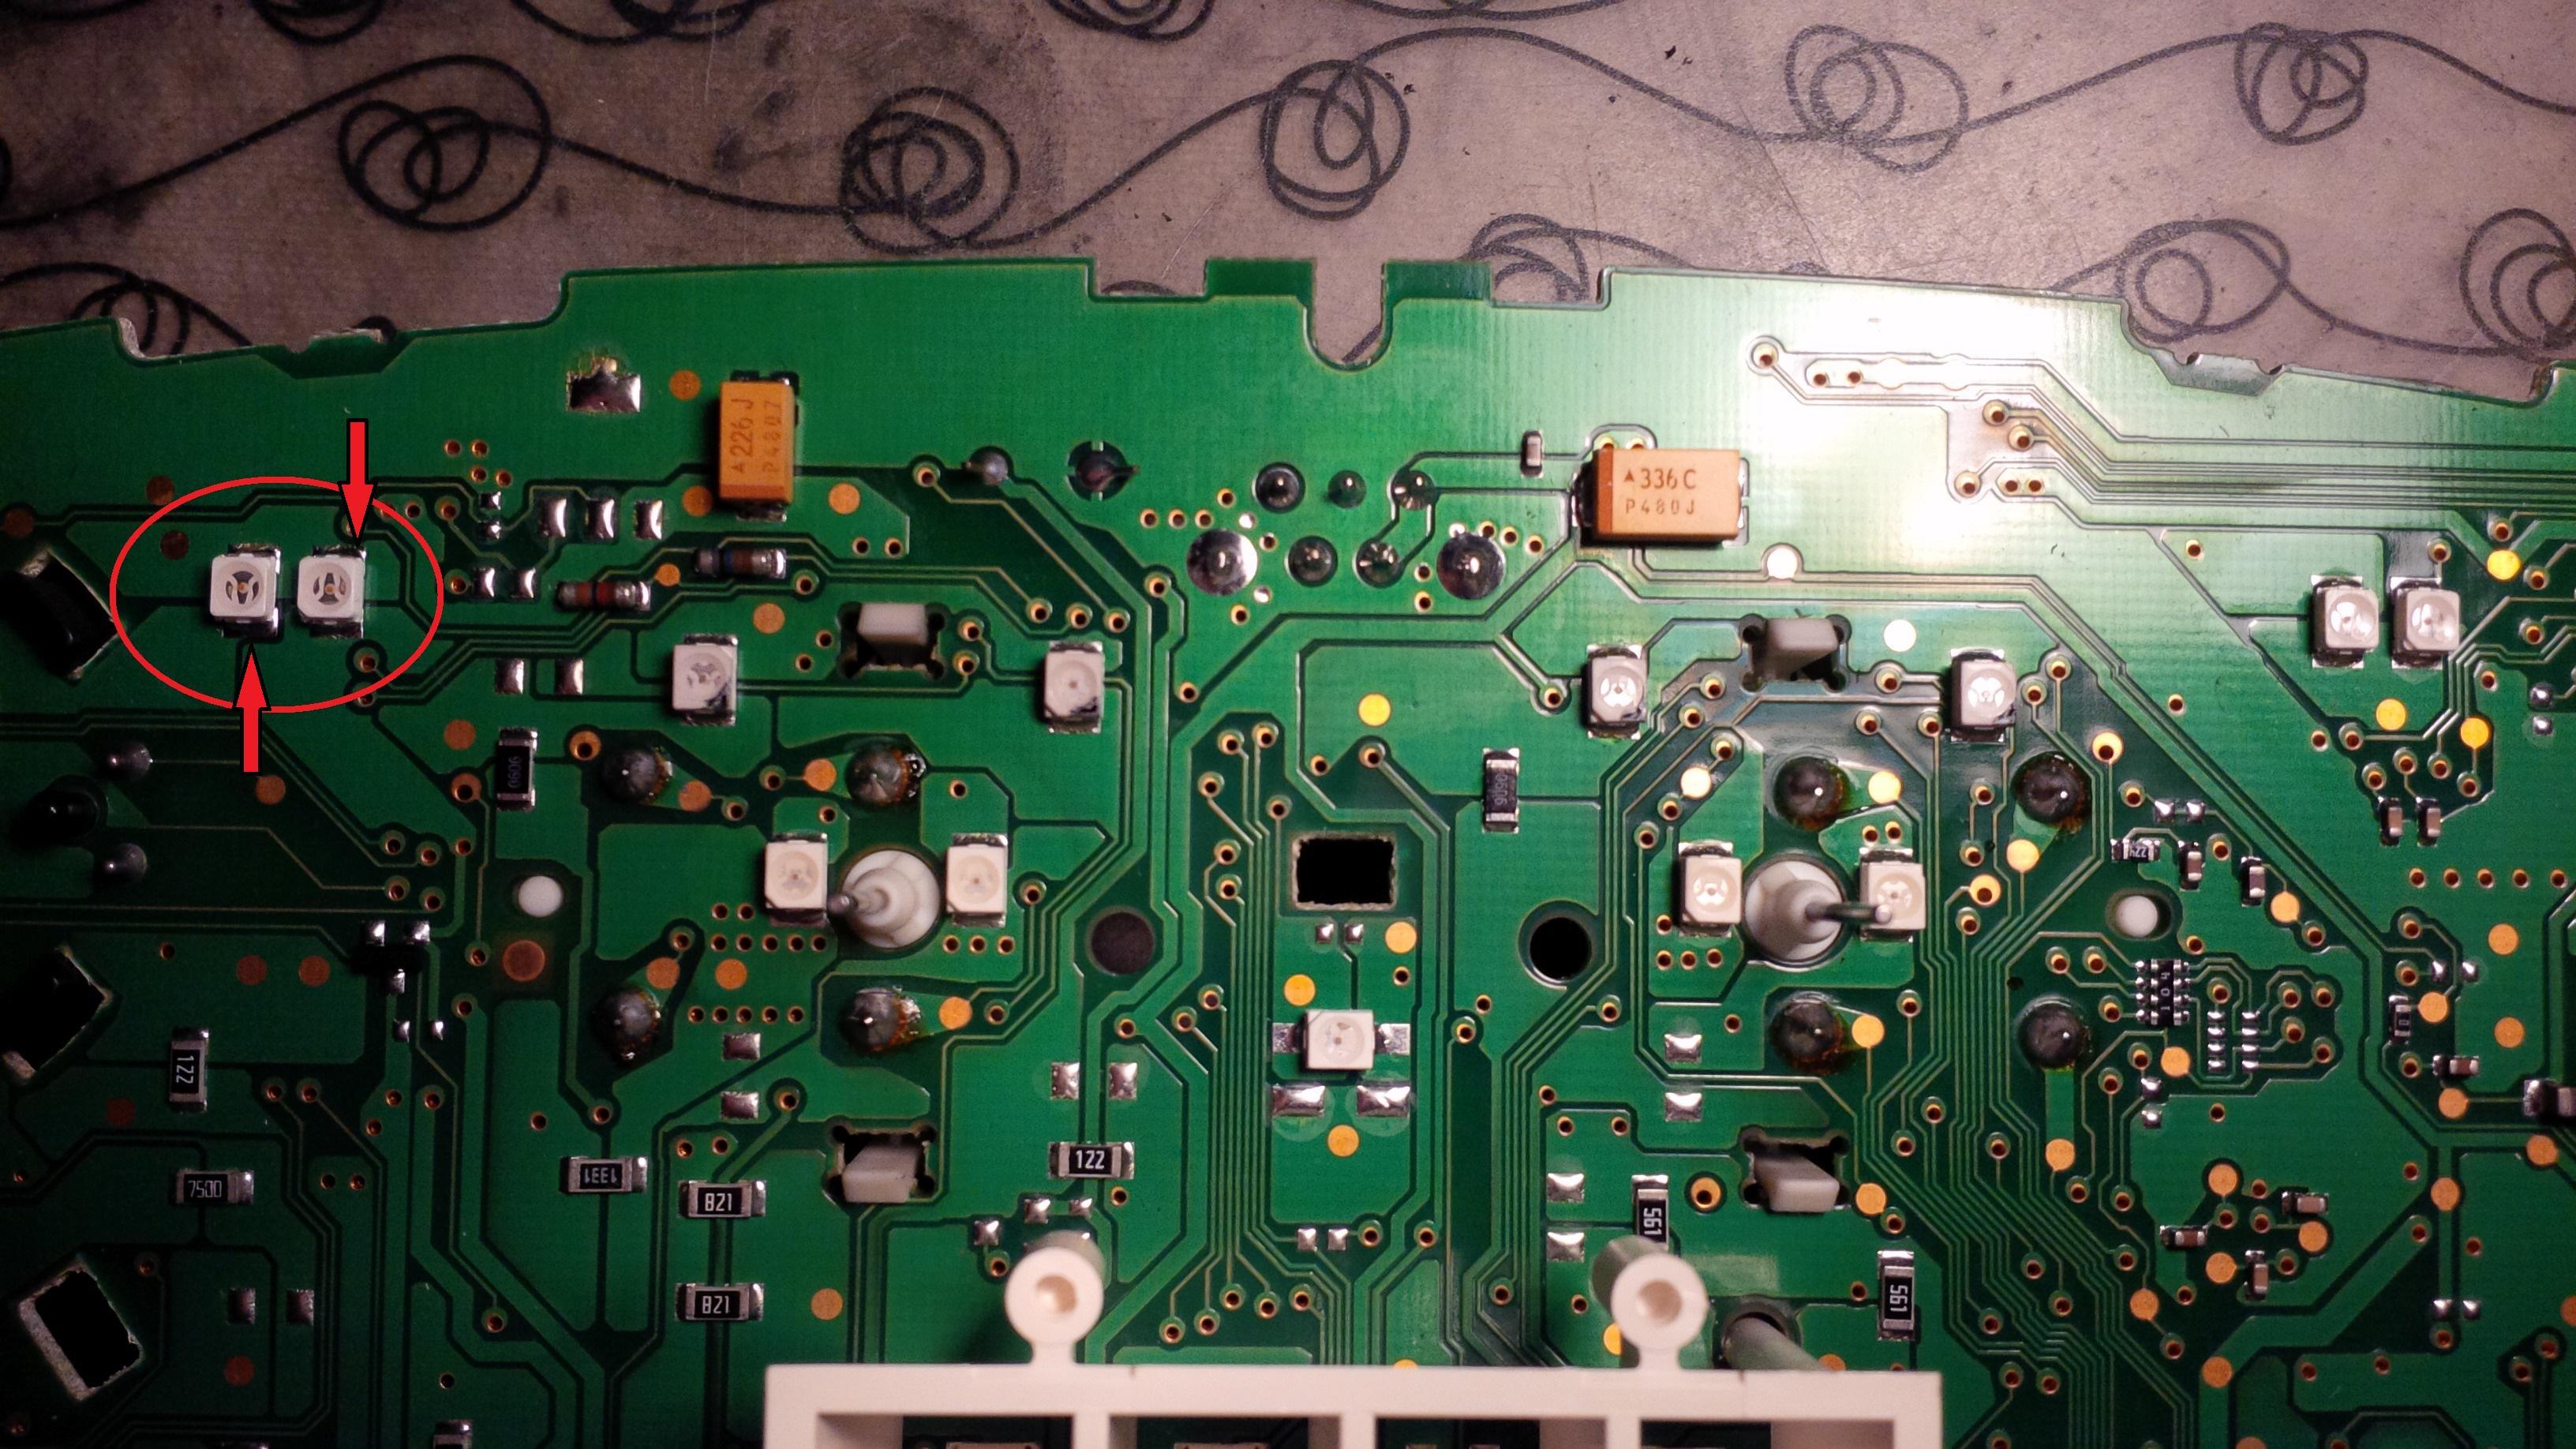 voyant clignotant gauche tableau de bord ne fonctionne pas probl mes electriques ou. Black Bedroom Furniture Sets. Home Design Ideas